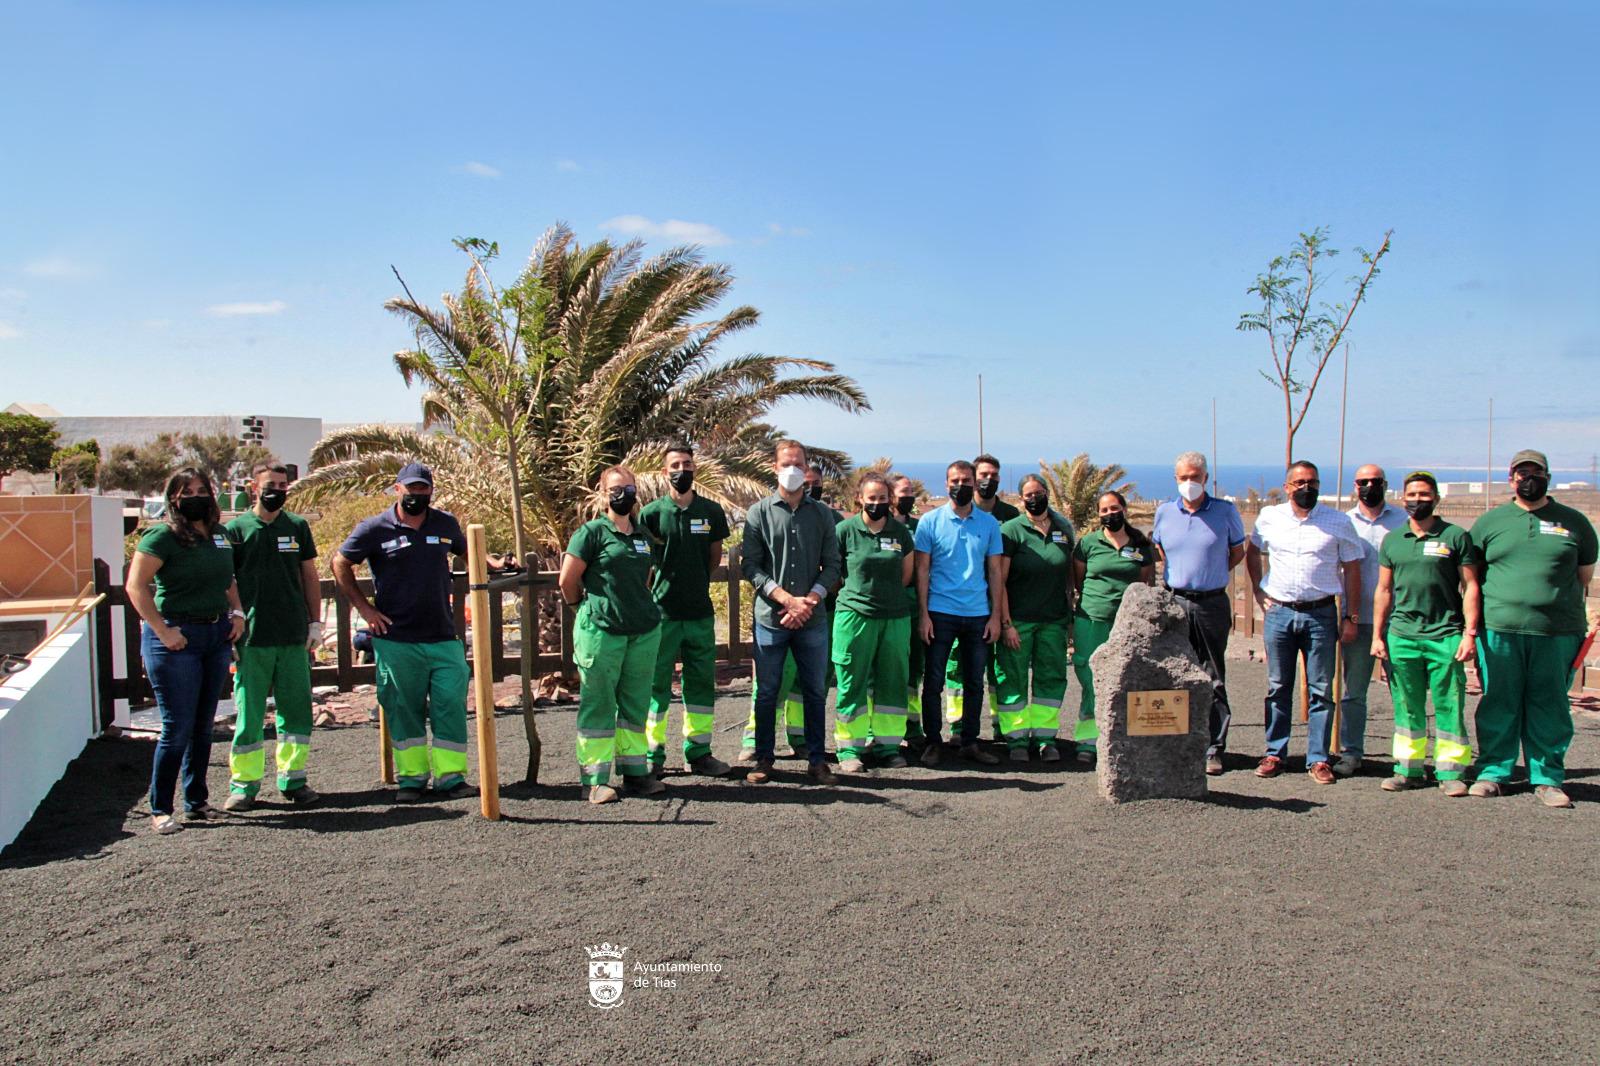 Flamboyanos, callistemons y jacaranda en Tegoyo para la campaña Un árbol por Europa